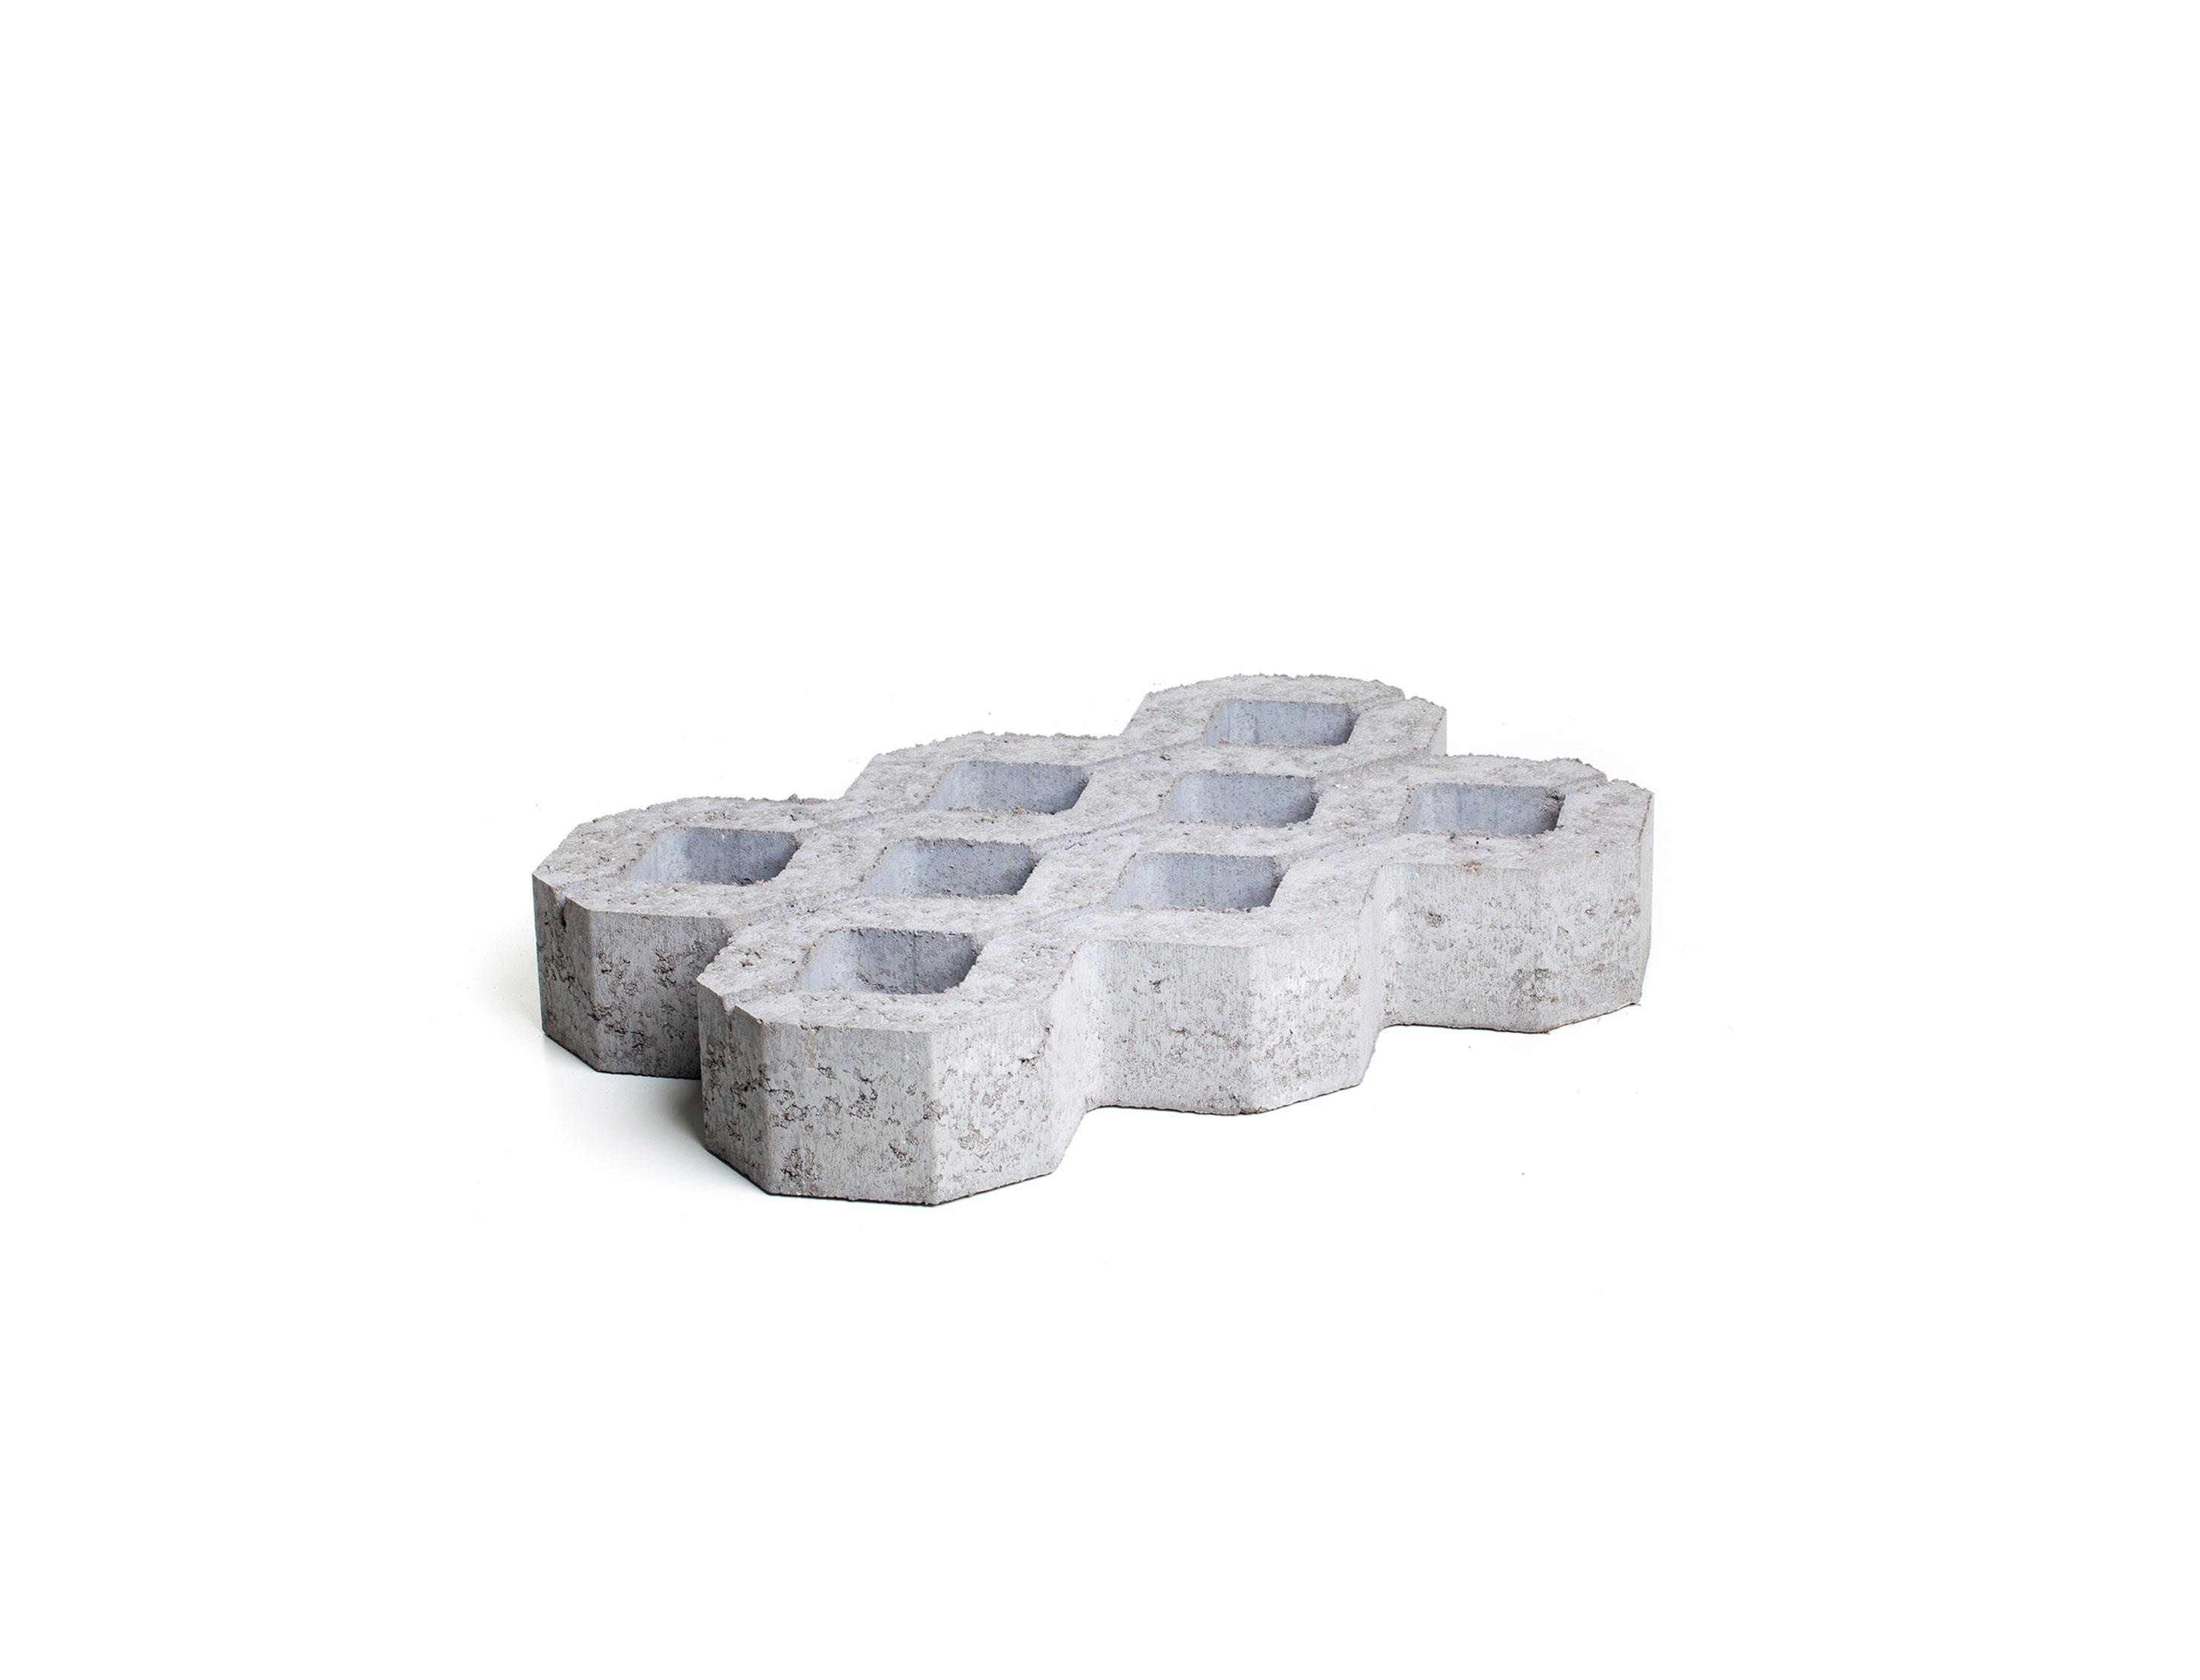 pav s b ton gazon hqe pav cologique et bon pour l 39 environnement chez pierre et sol. Black Bedroom Furniture Sets. Home Design Ideas